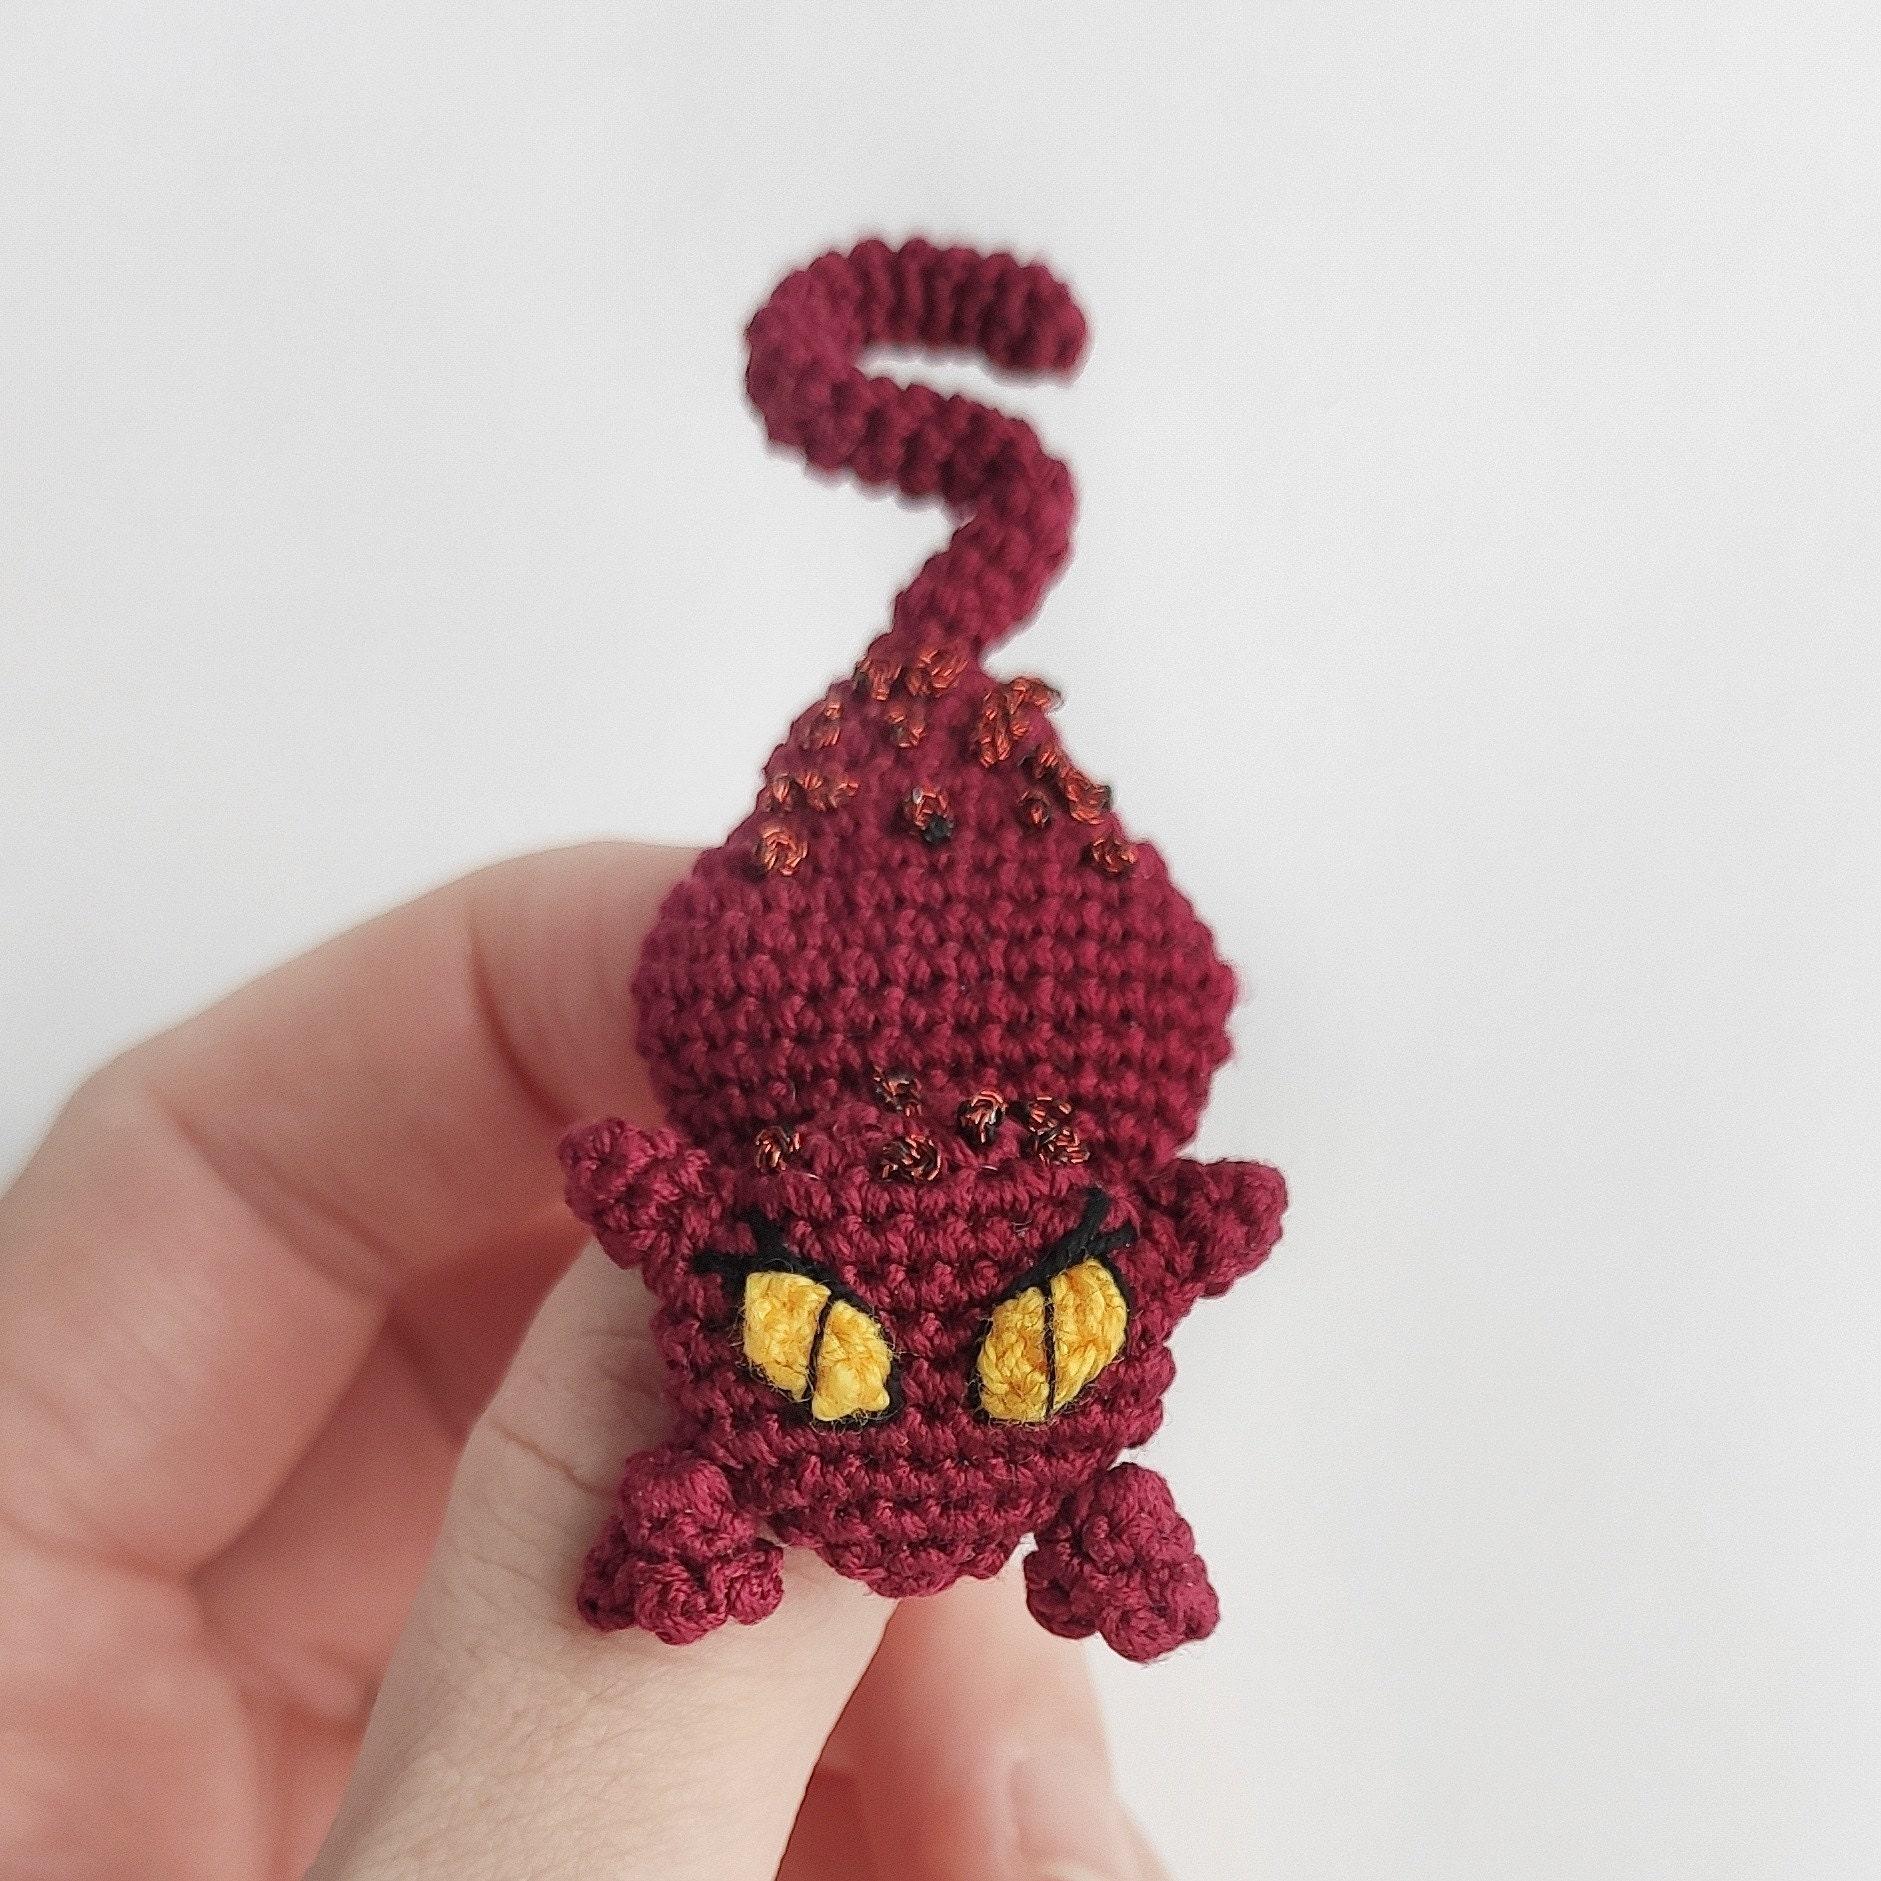 Pin de Éva Uxa em amigurumi em 2020 | Chaveiro de croche, Acessórios de  crochê, Broche de crochê | 1881x1881